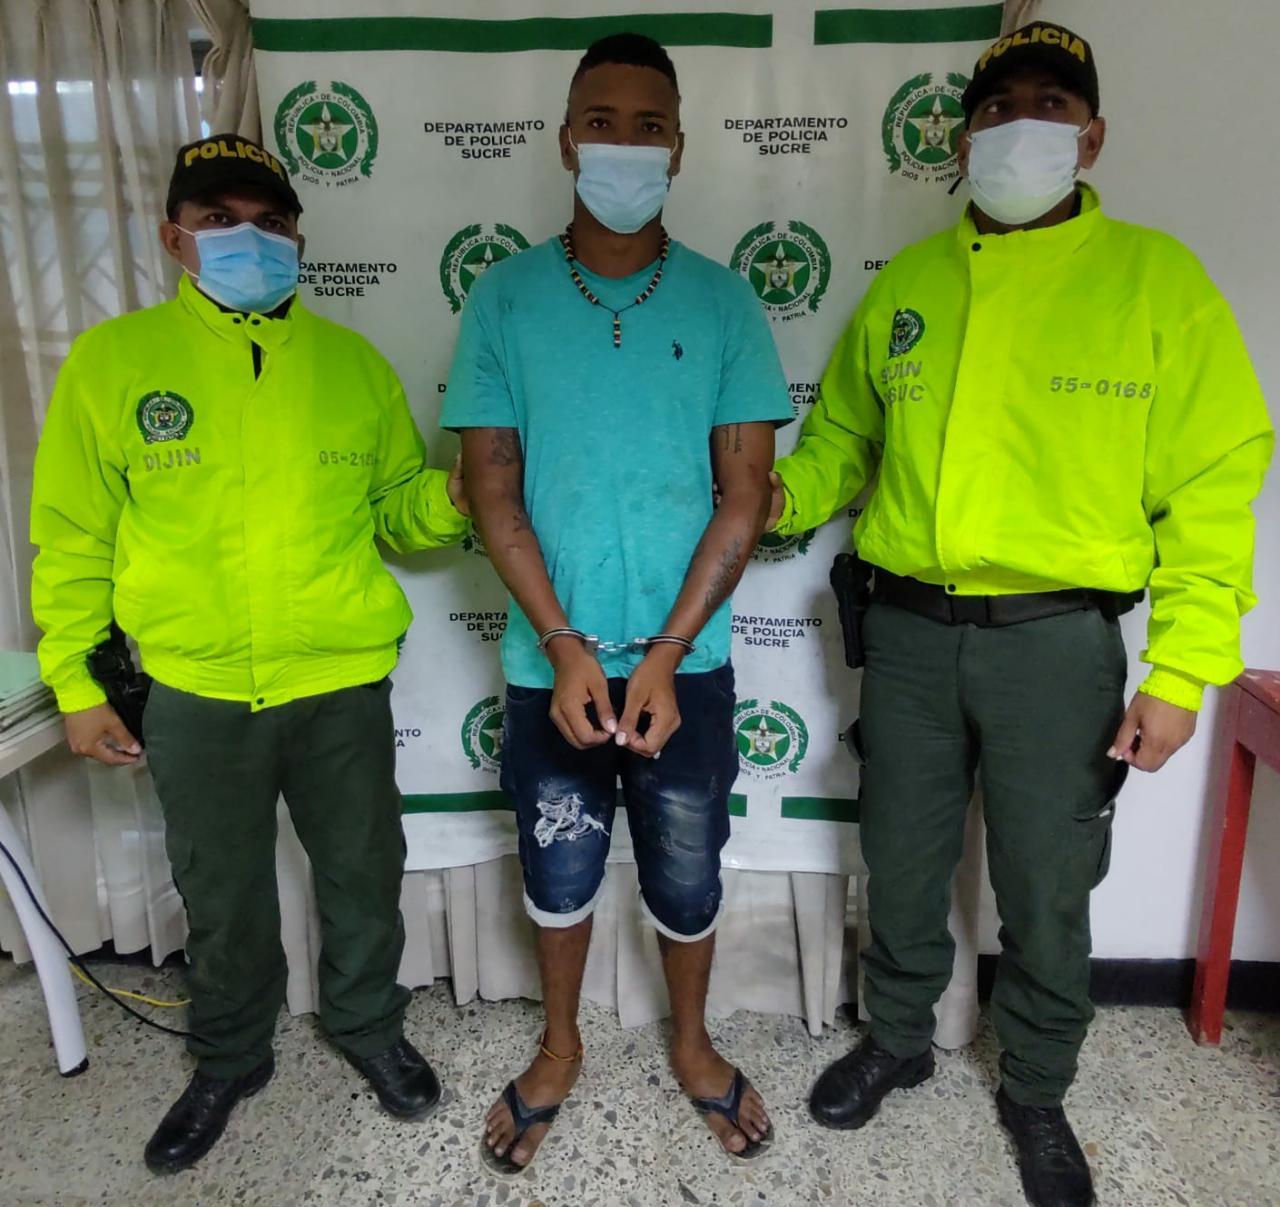 Capturan a presunto asesino de joven en pelea de pandillas en Tolu